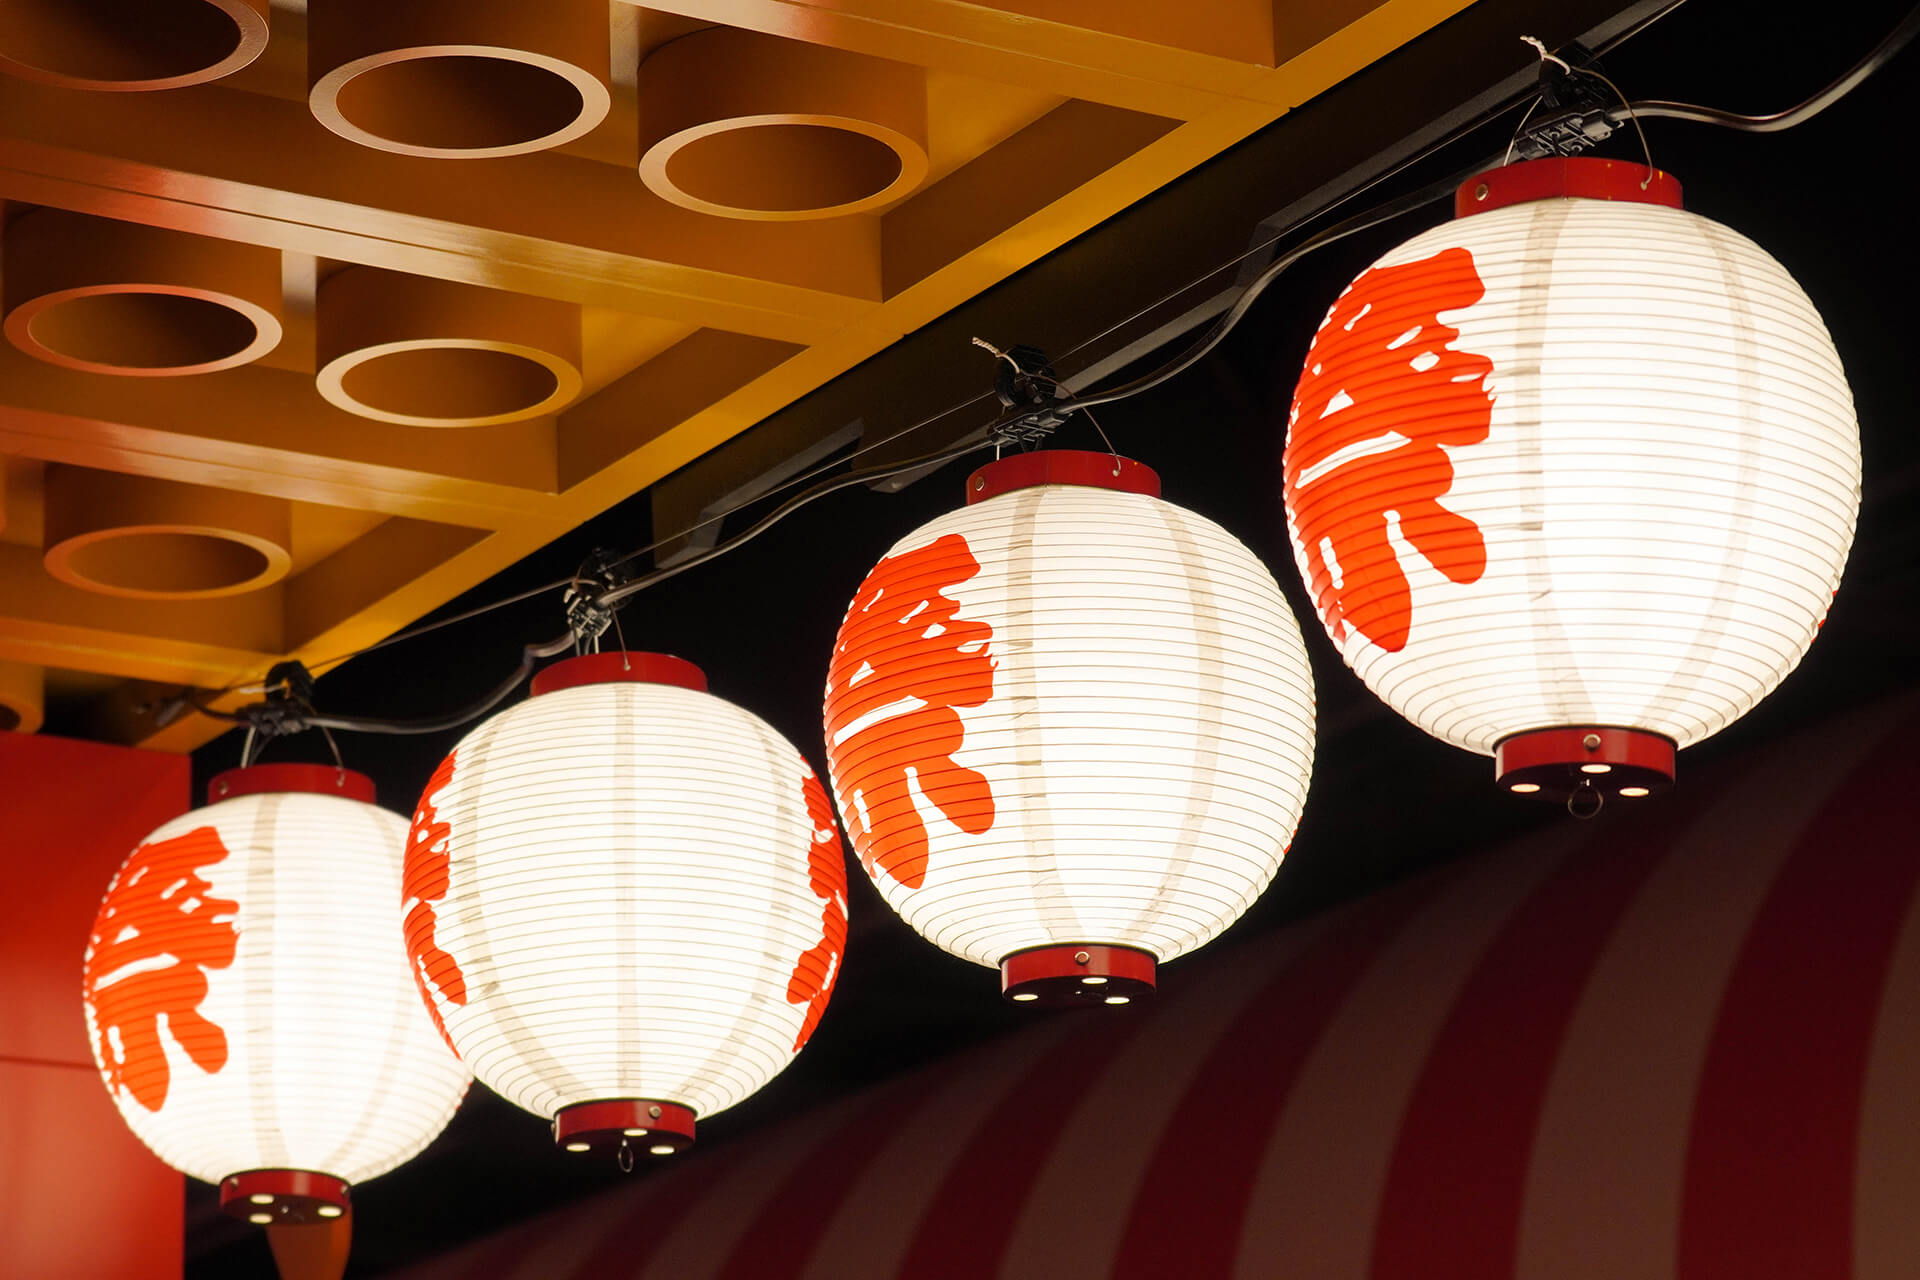 この写真は、レゴニンジャゴー夏祭りの提灯